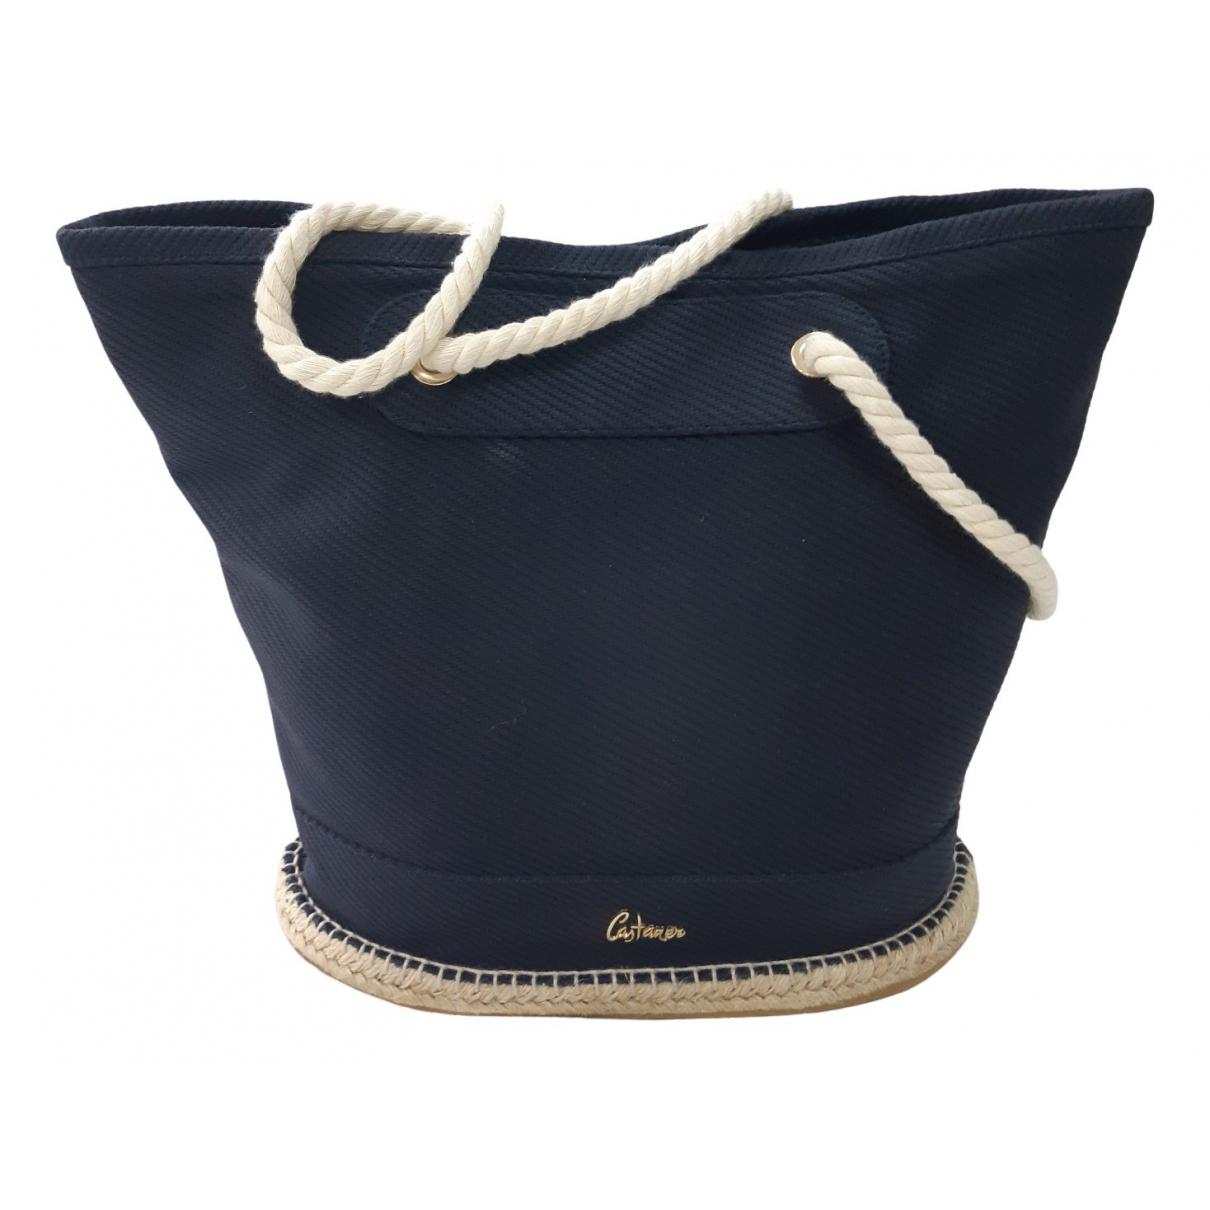 Castaner \N Handtasche in  Blau Leinen